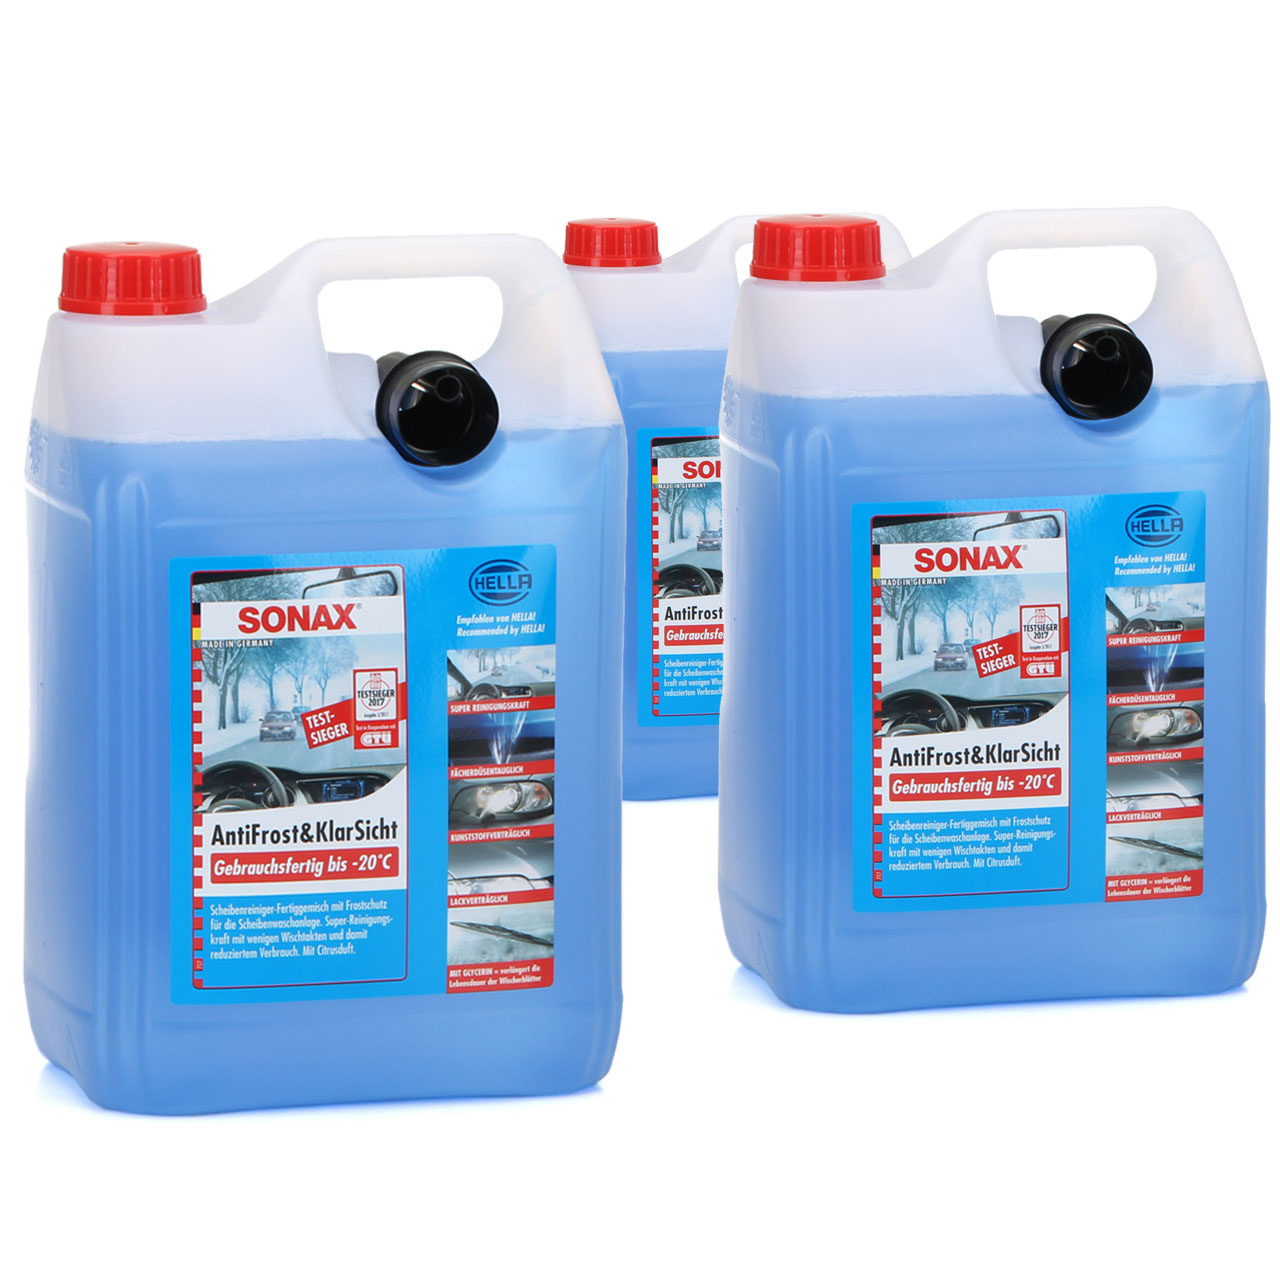 SONAX Frostschutz ANTIFROST & KLARSICHT gebrauchsfertig bis -20°C - 15L 15 Liter